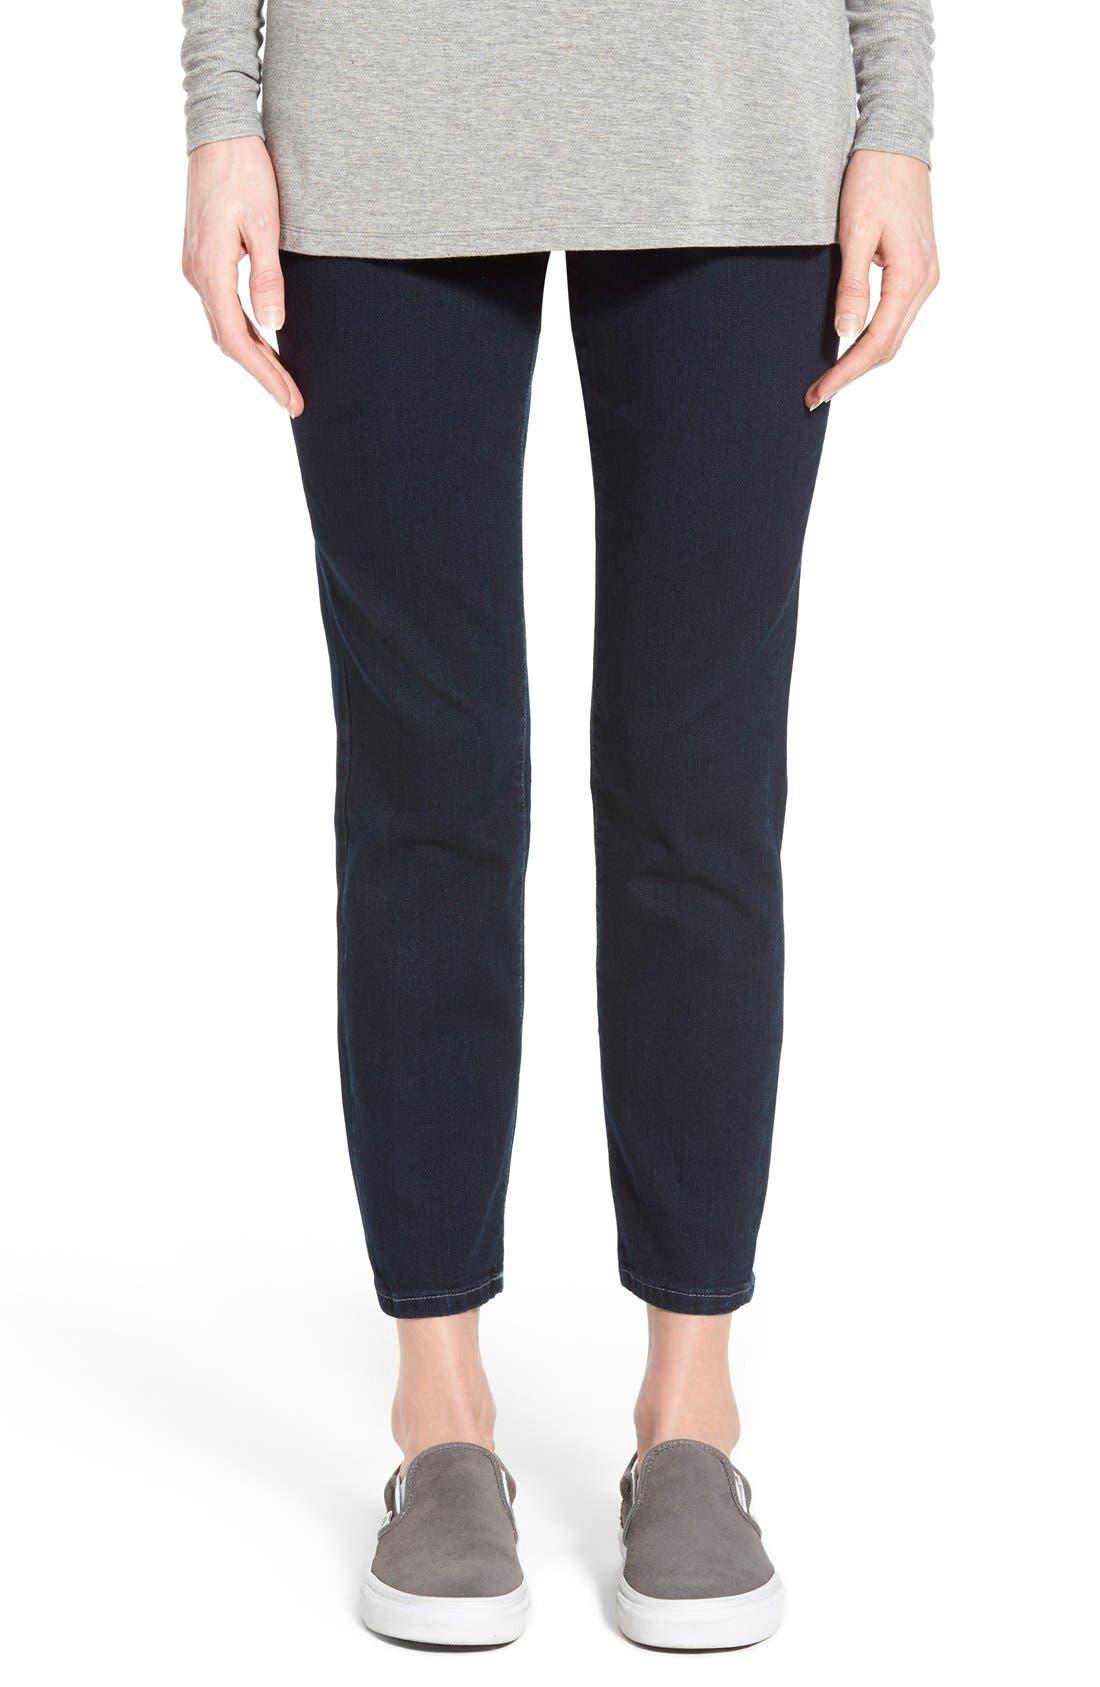 Main Image - Jag Jeans 'Amelia' Pull-On Slim Ankle Jeans (Indigo) (Petite)